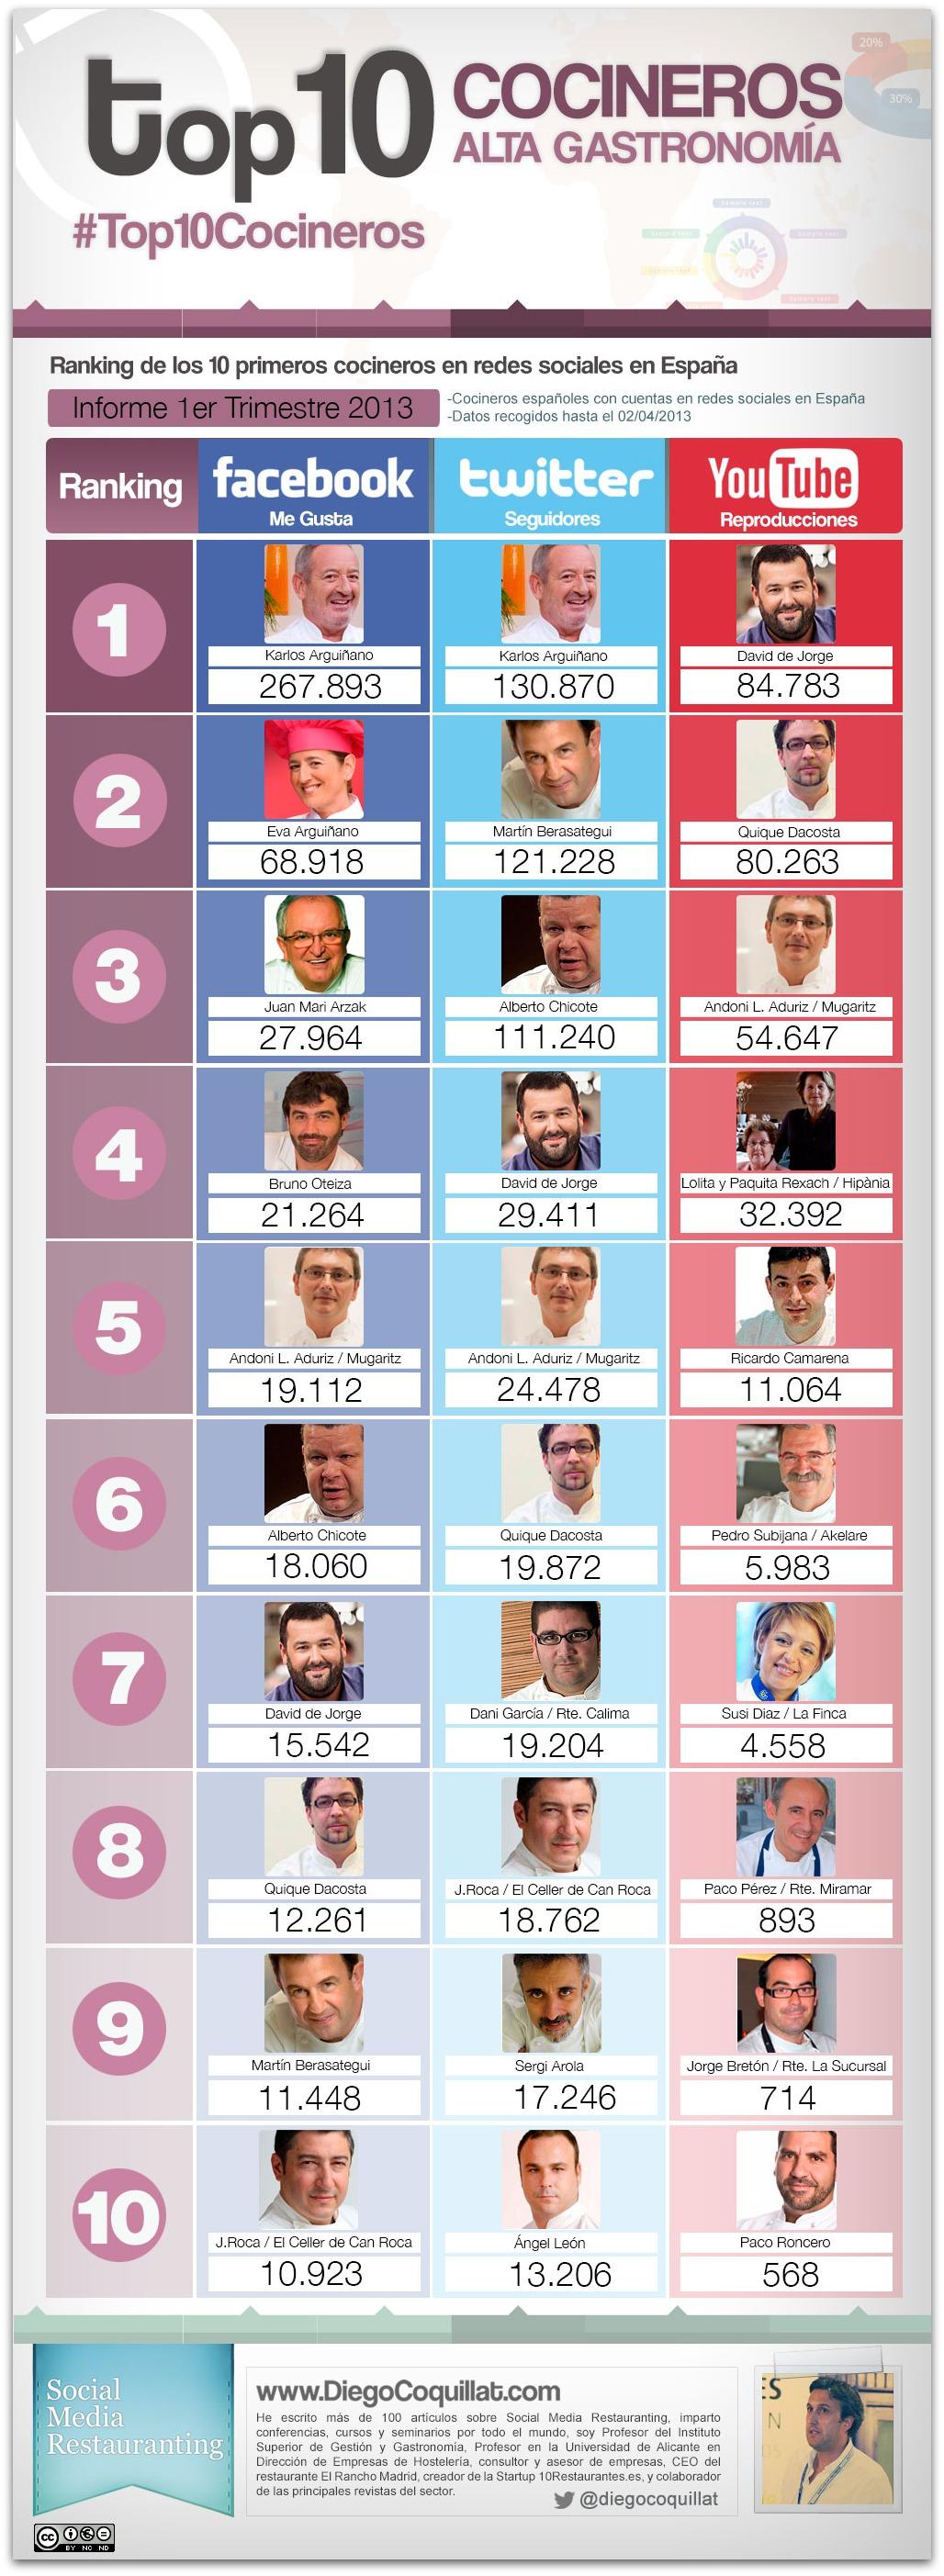 Ranking mejores cocineros en redes sociales en España 2013